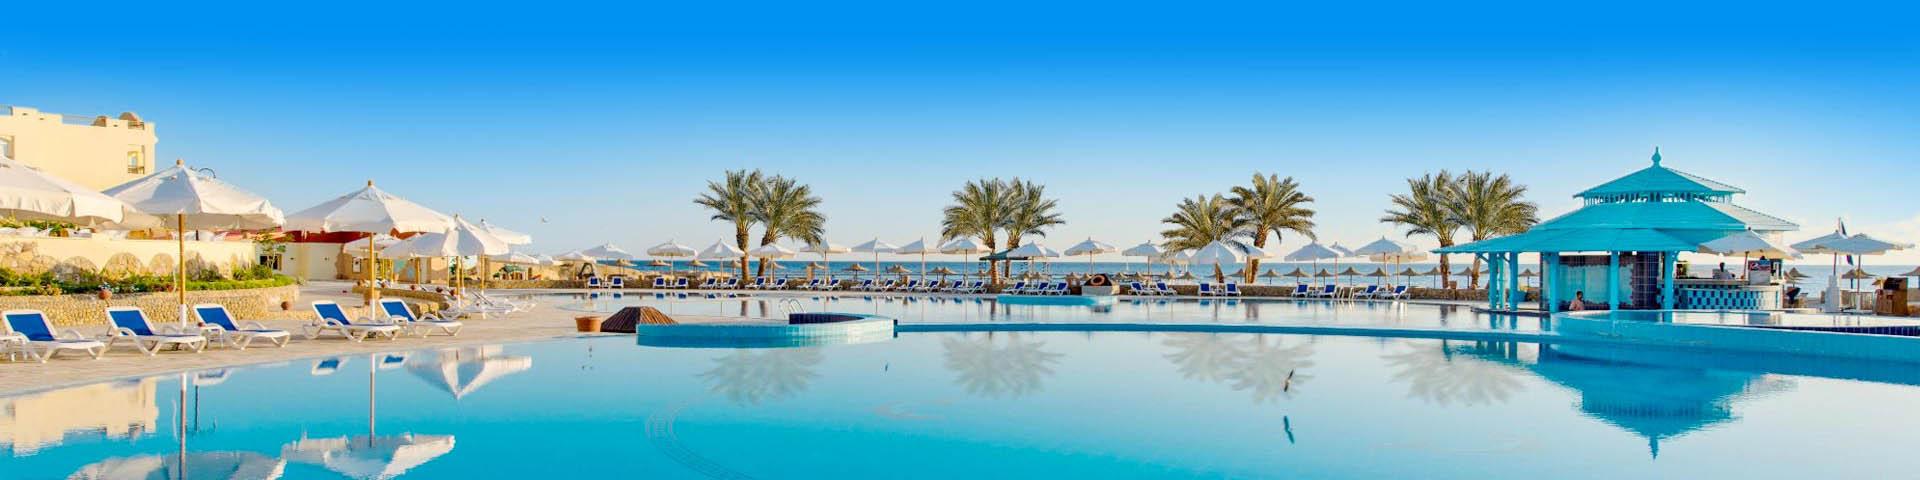 All inclusive resort in Egypte met mooi zwembad